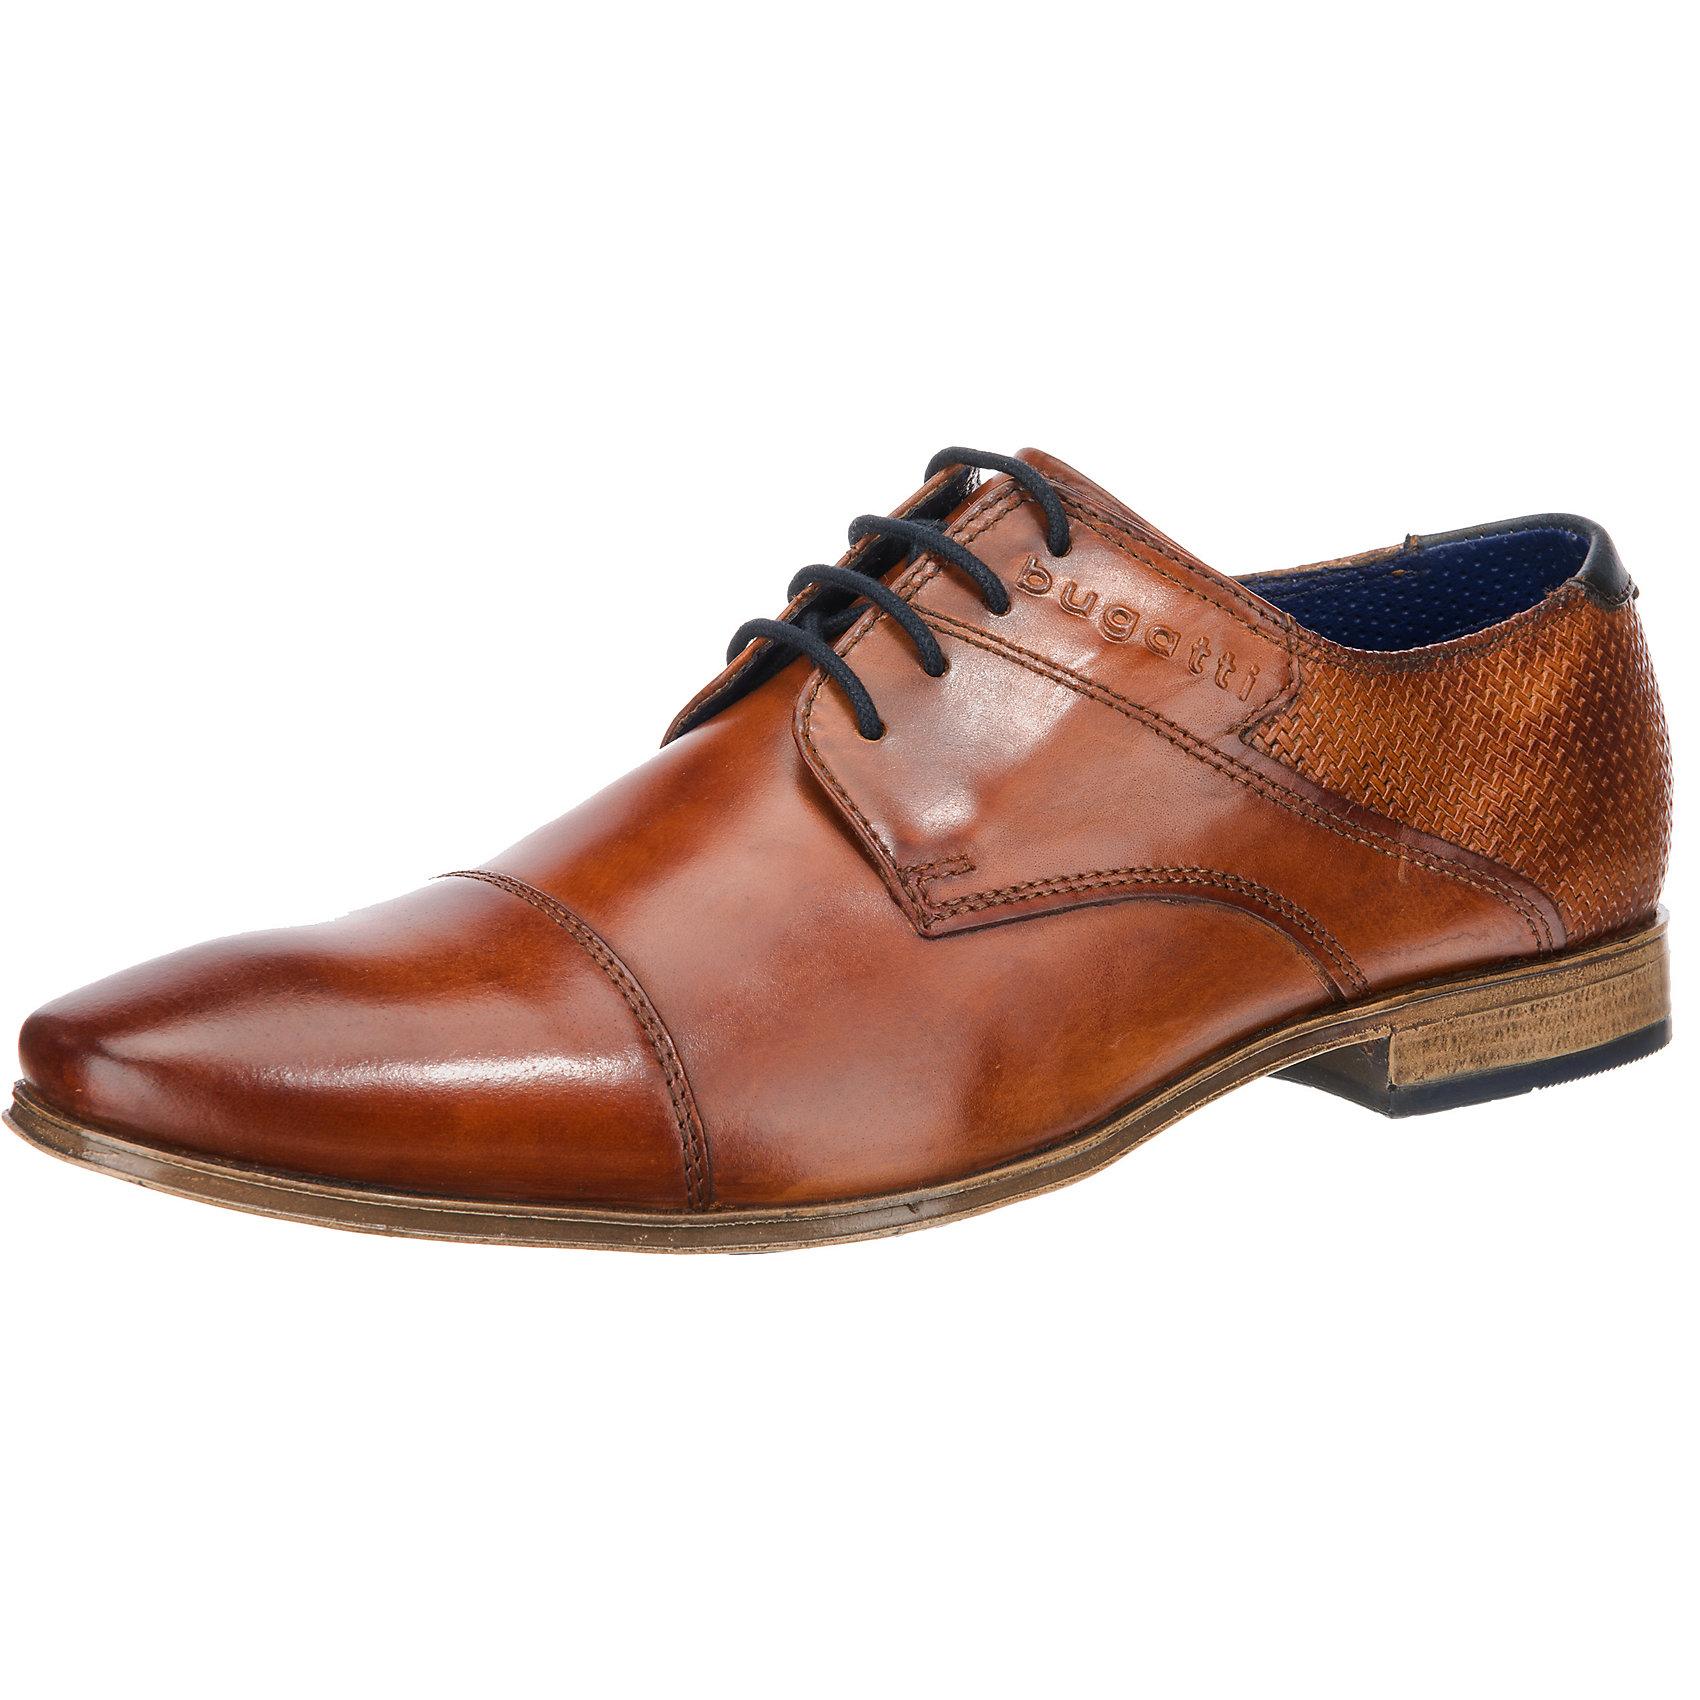 7029349 Für Cognac Zu Details Neu Business Schuhe Herren Bugatti fyY7b6g